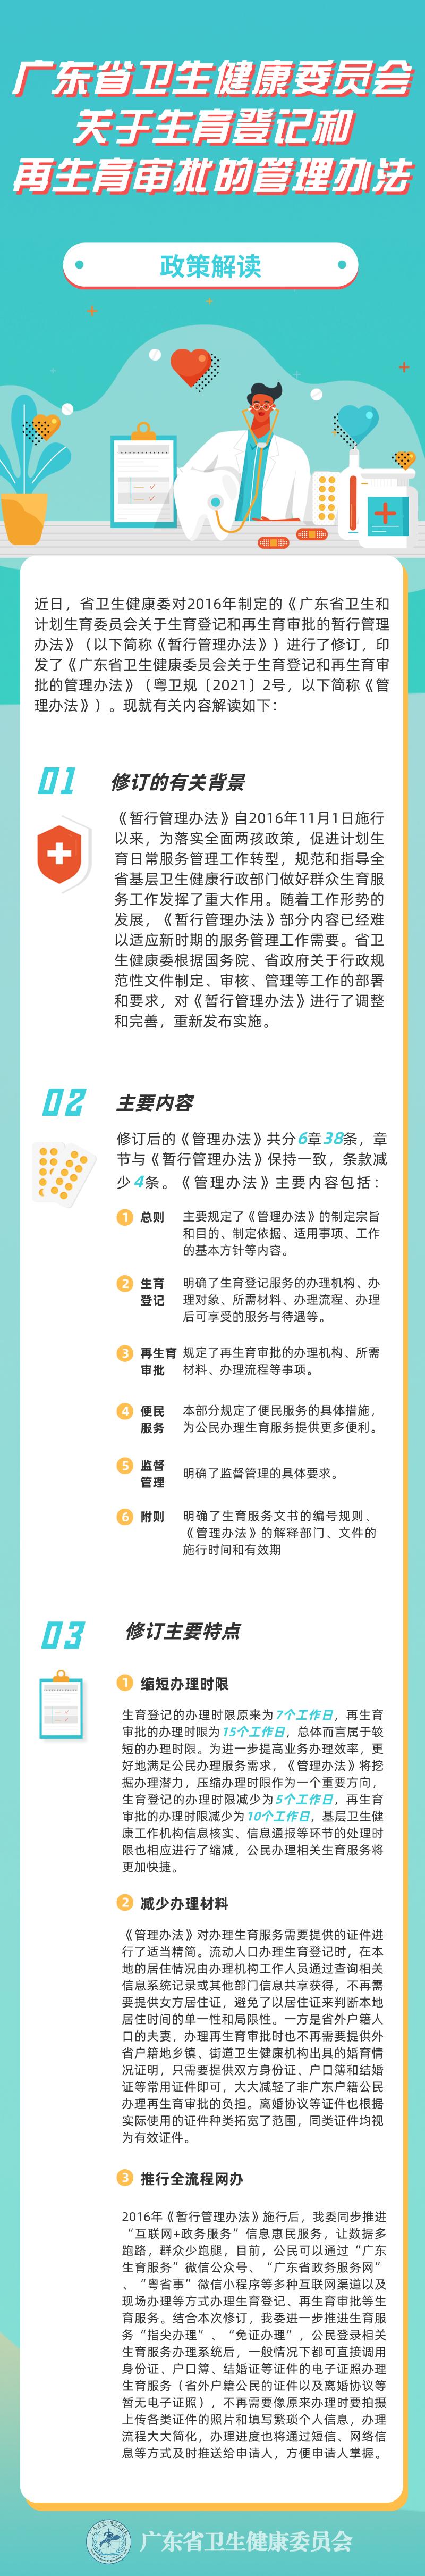 广东省卫生健康委员会关于生育登记和+再生育审批的管理办法_自定义px_2021-03-23-0.png